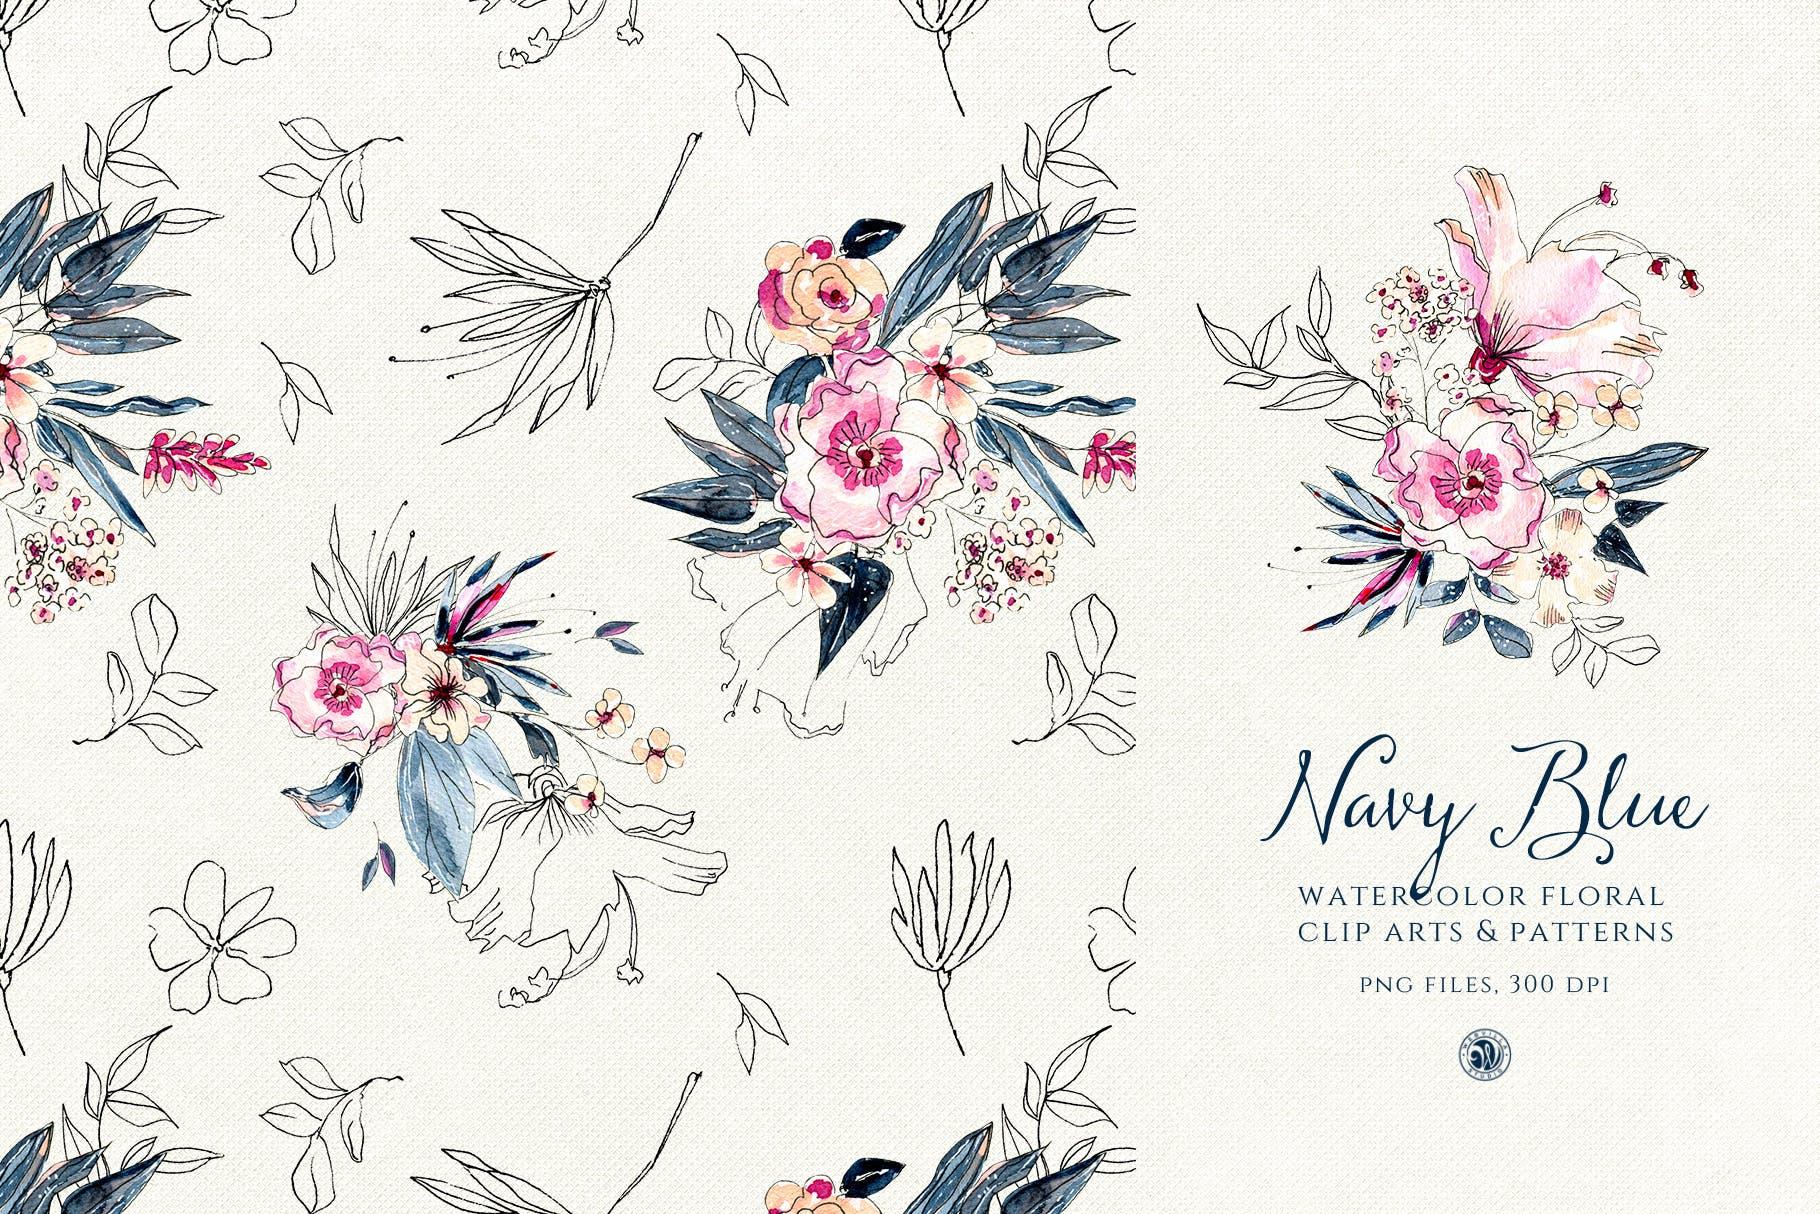 海军蓝花朵手绘水彩花朵和图案装饰元素下载Navy Blue Flowers插图(2)